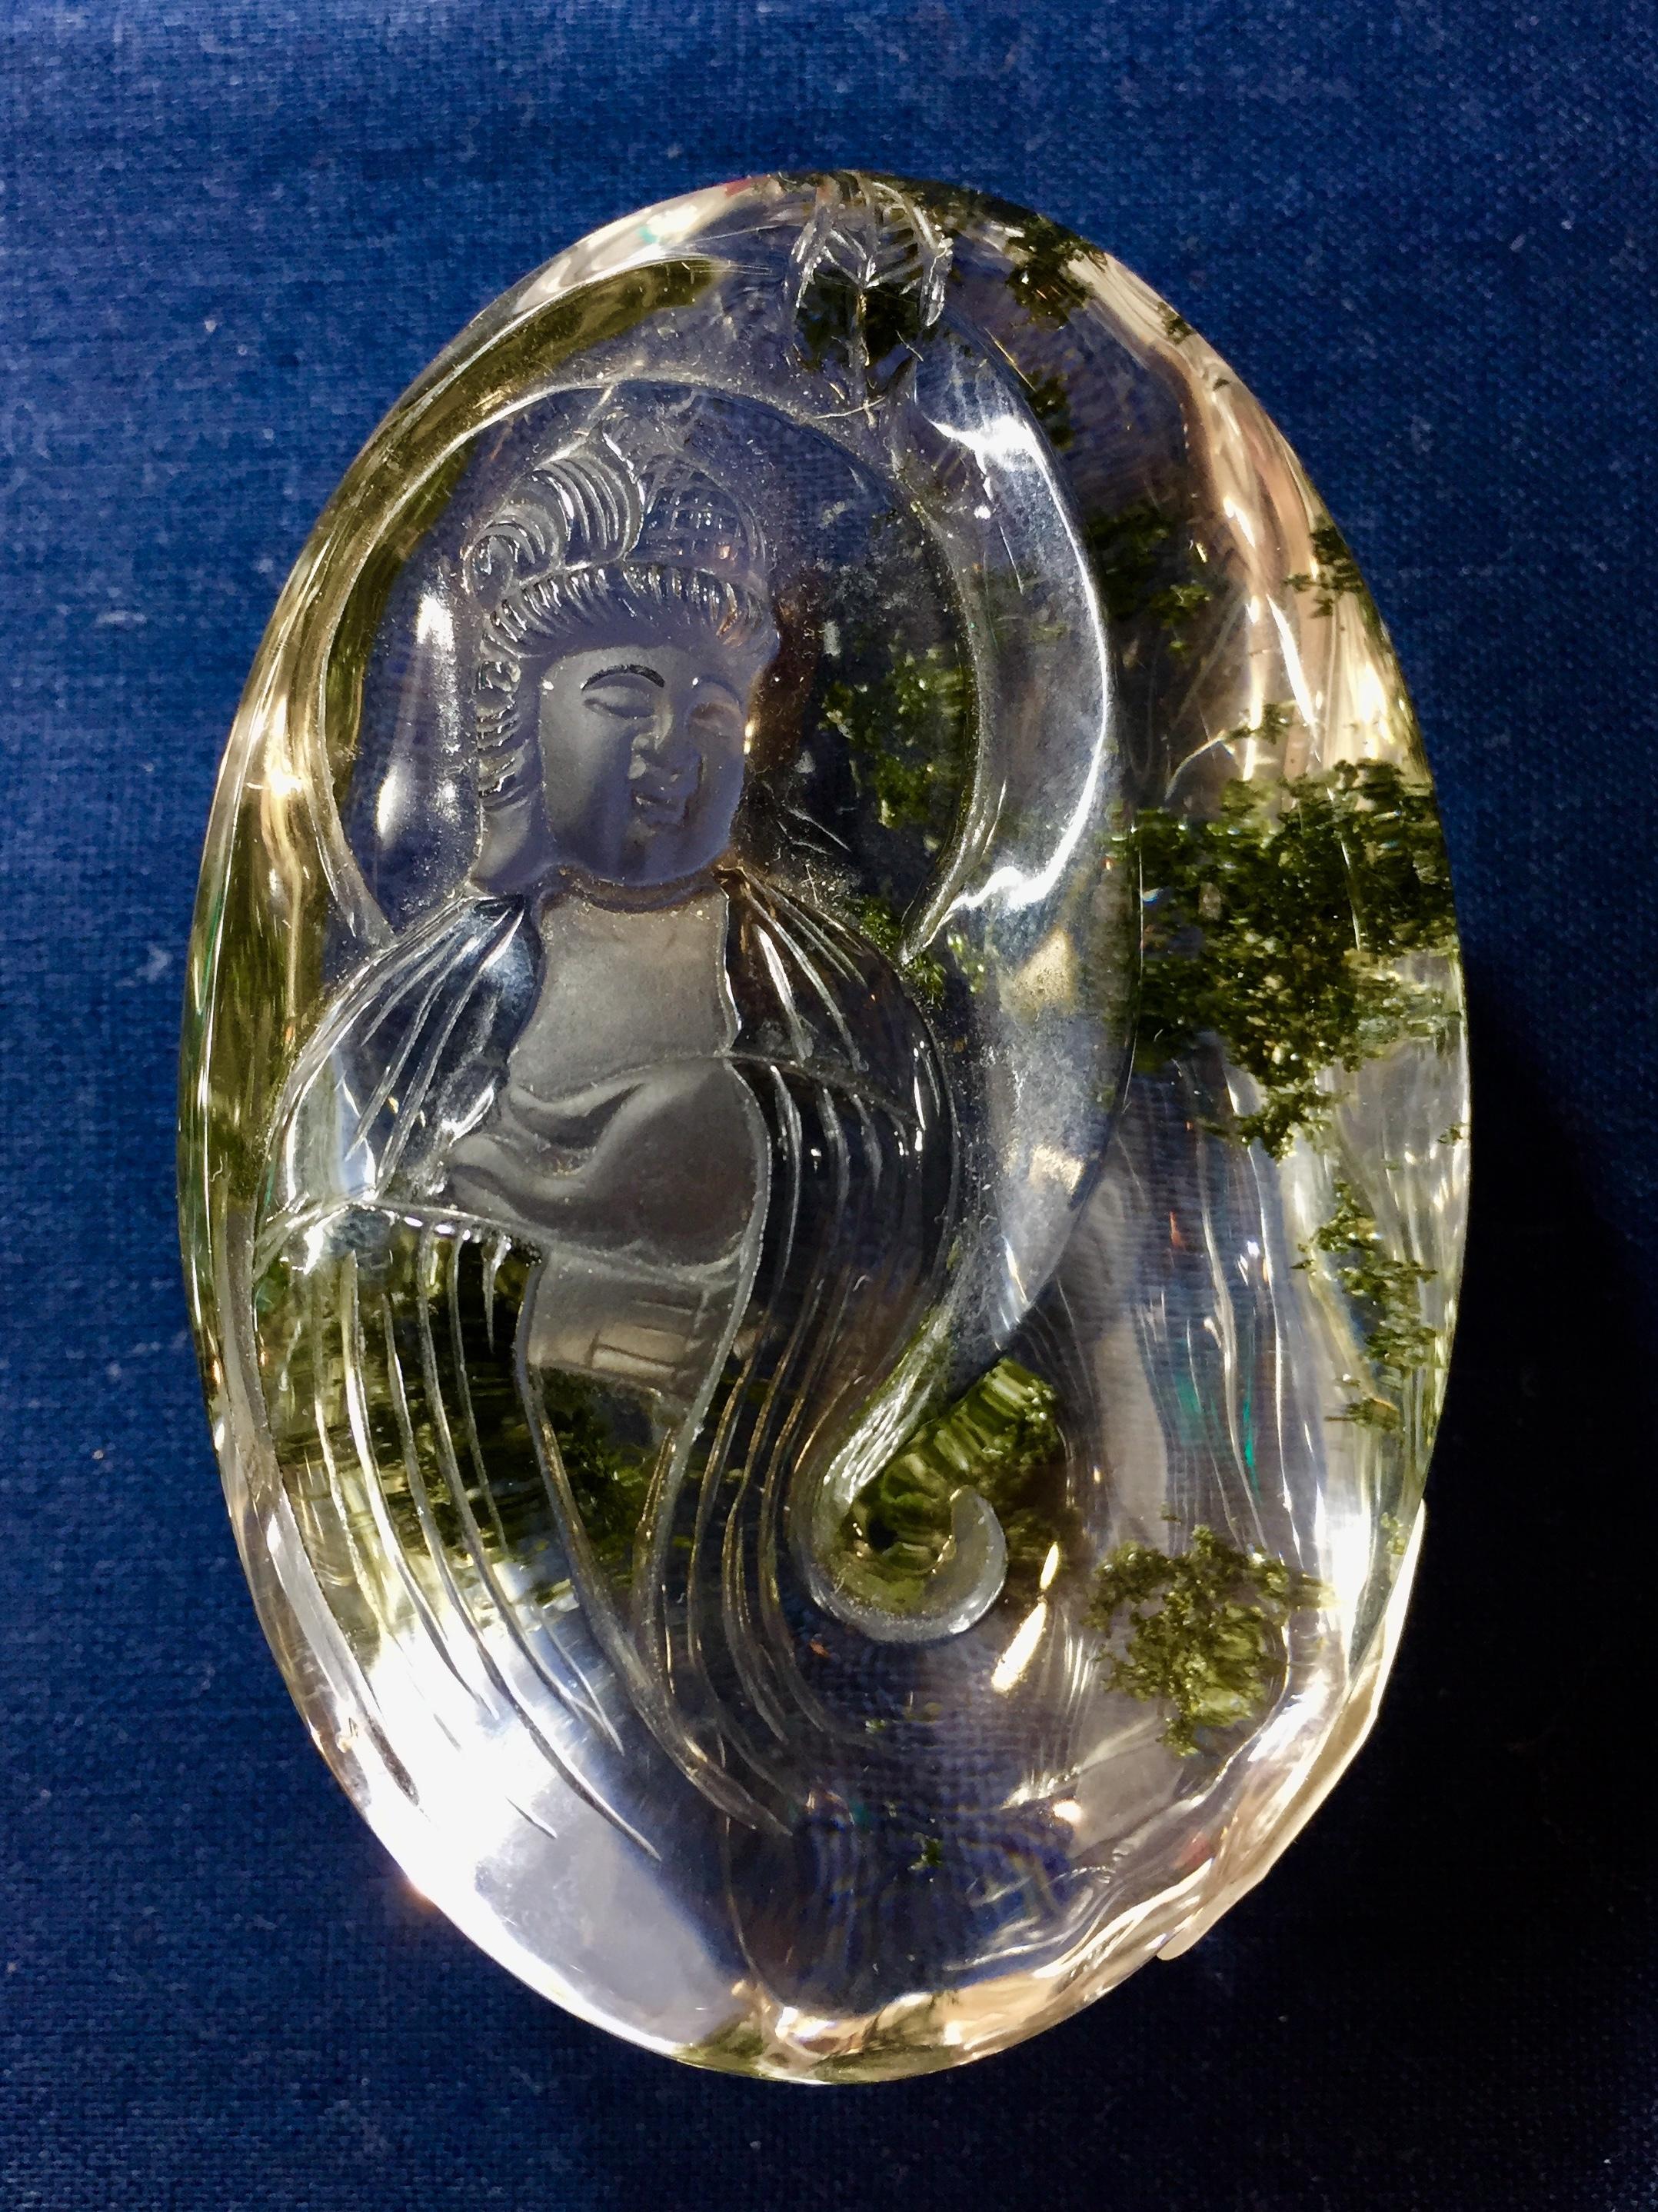 2) 御神仏水晶